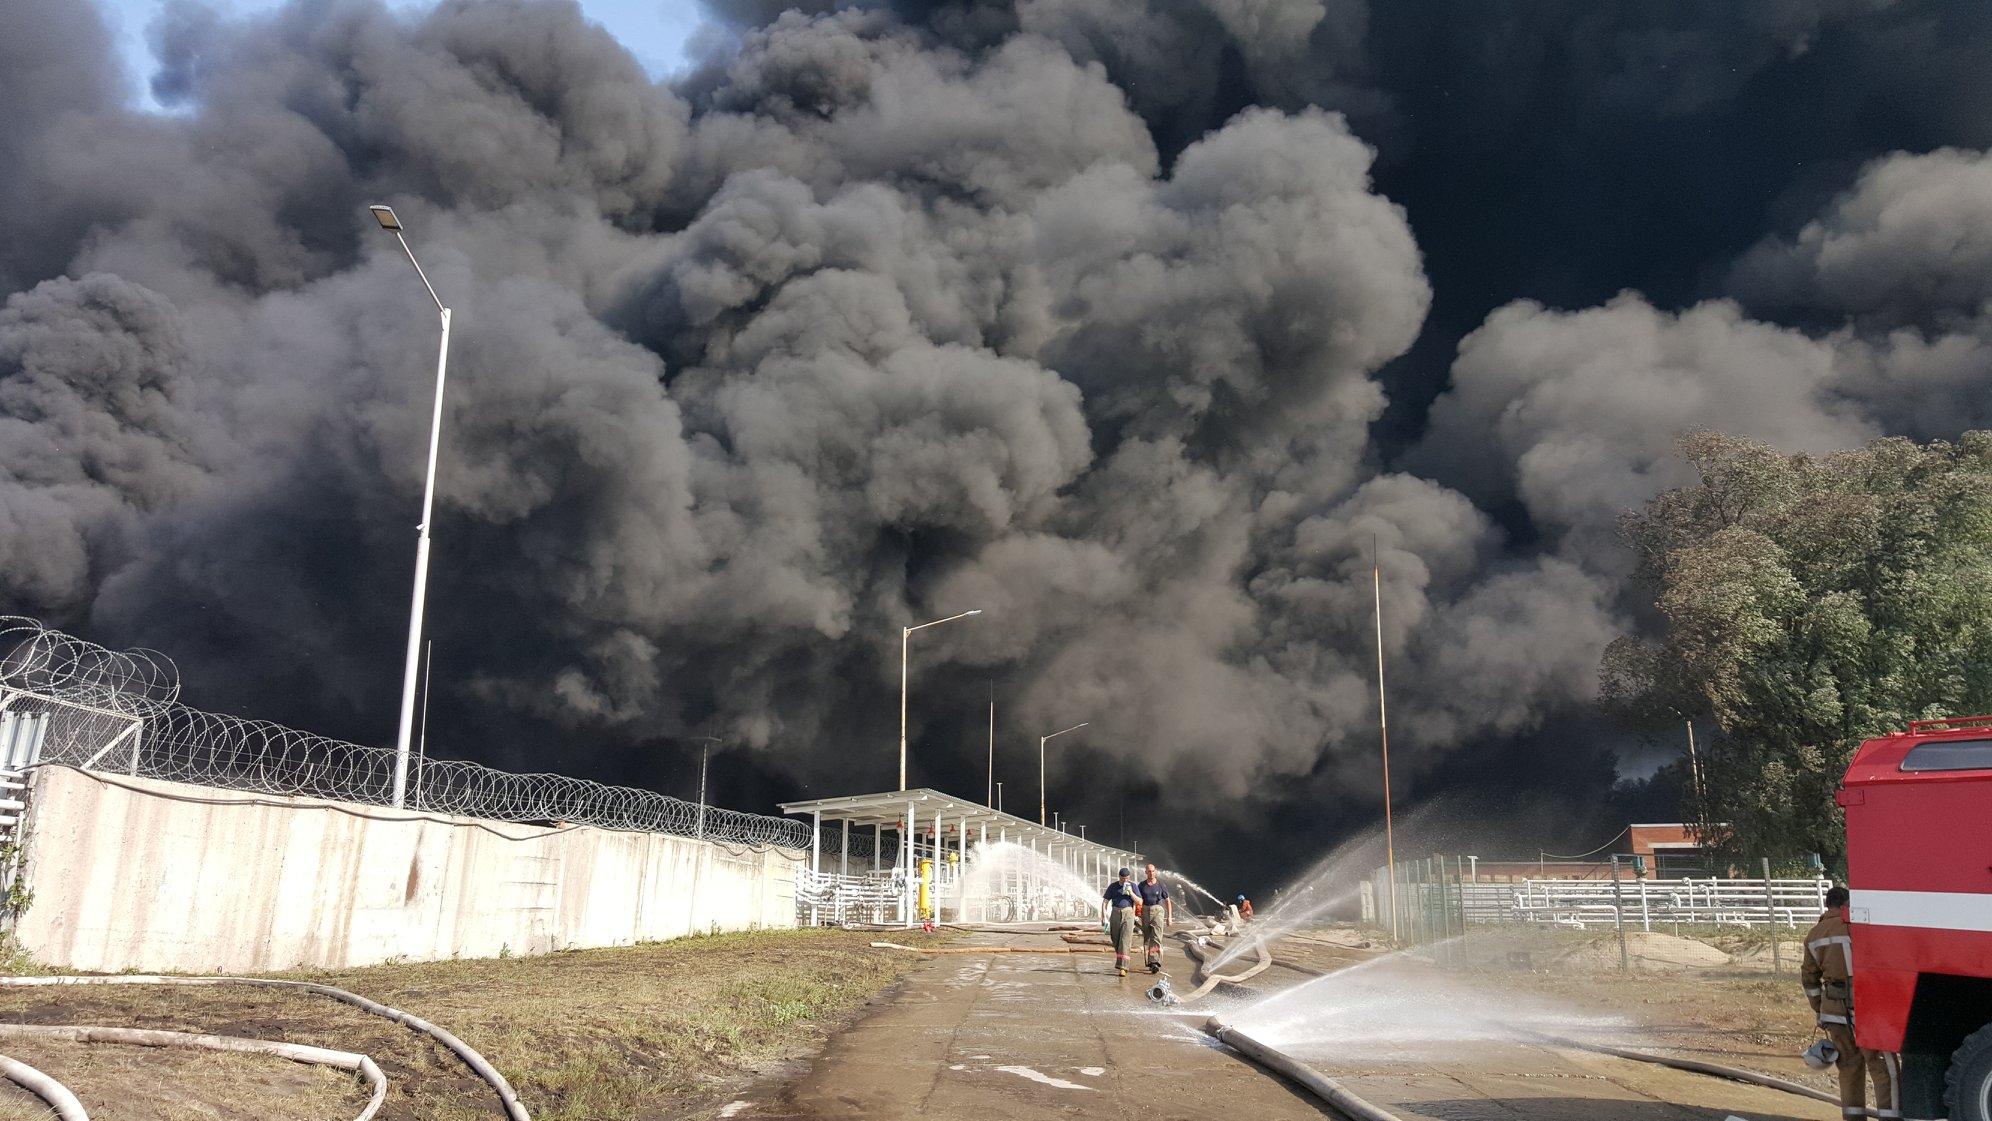 """""""Все причастные к трагедии, а также те, кто закрывал глаза на строительство нефтебазы у военных арсеналов, понесут уголовную ответственность"""", - Турчинов - Цензор.НЕТ 8087"""